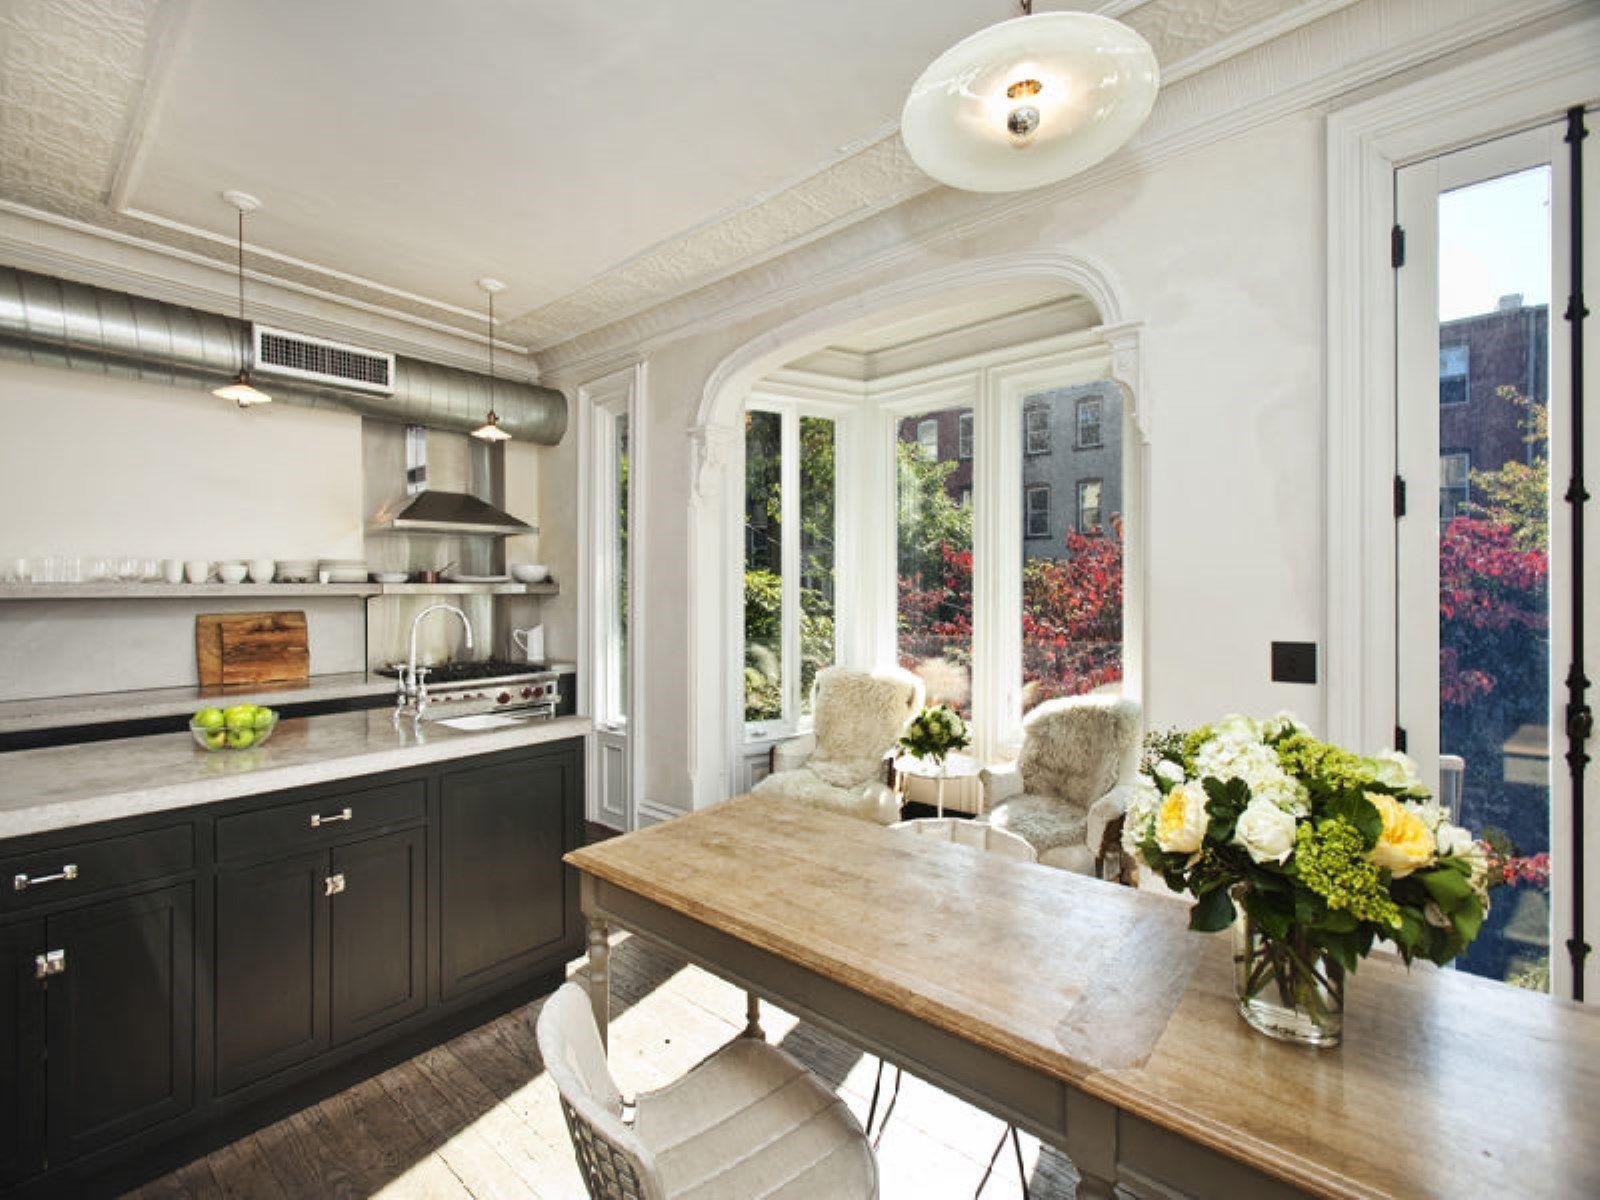 kitchen design brooklyn ny home decor renovation ideas